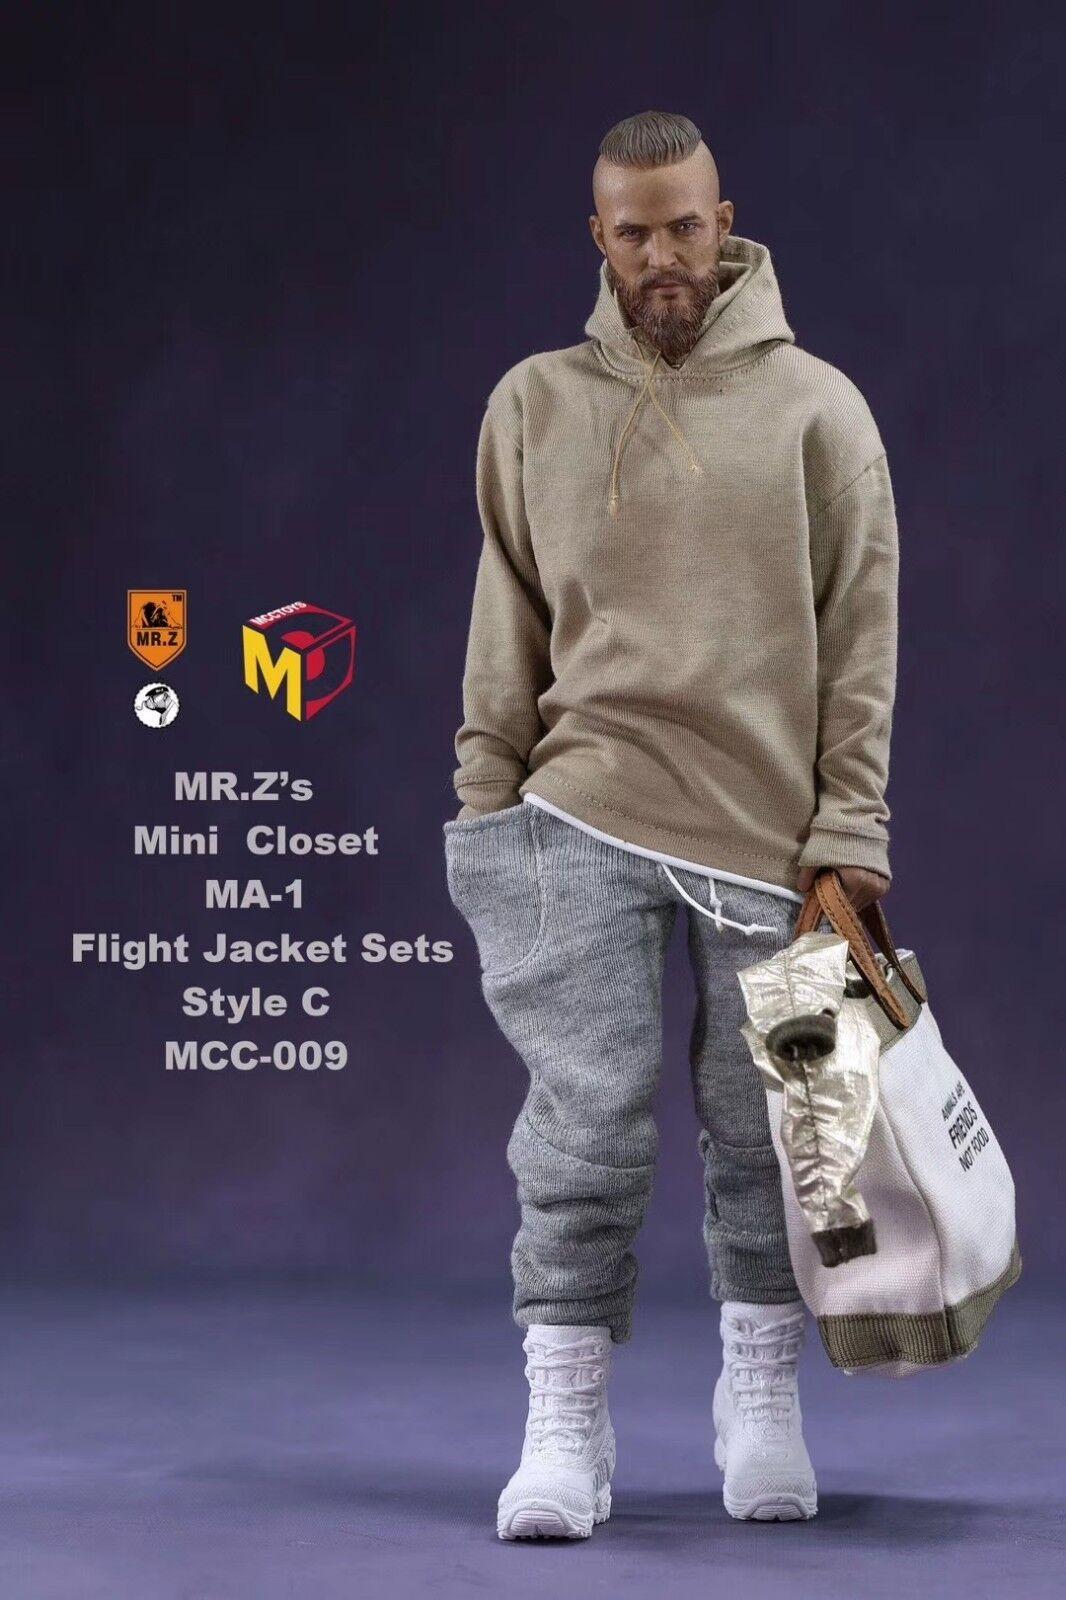 Mcctoys Mr. Z 1 6 Mini Armario conjuntos de chaqueta de vuelo MCC009 sin cuerpo y cabeza